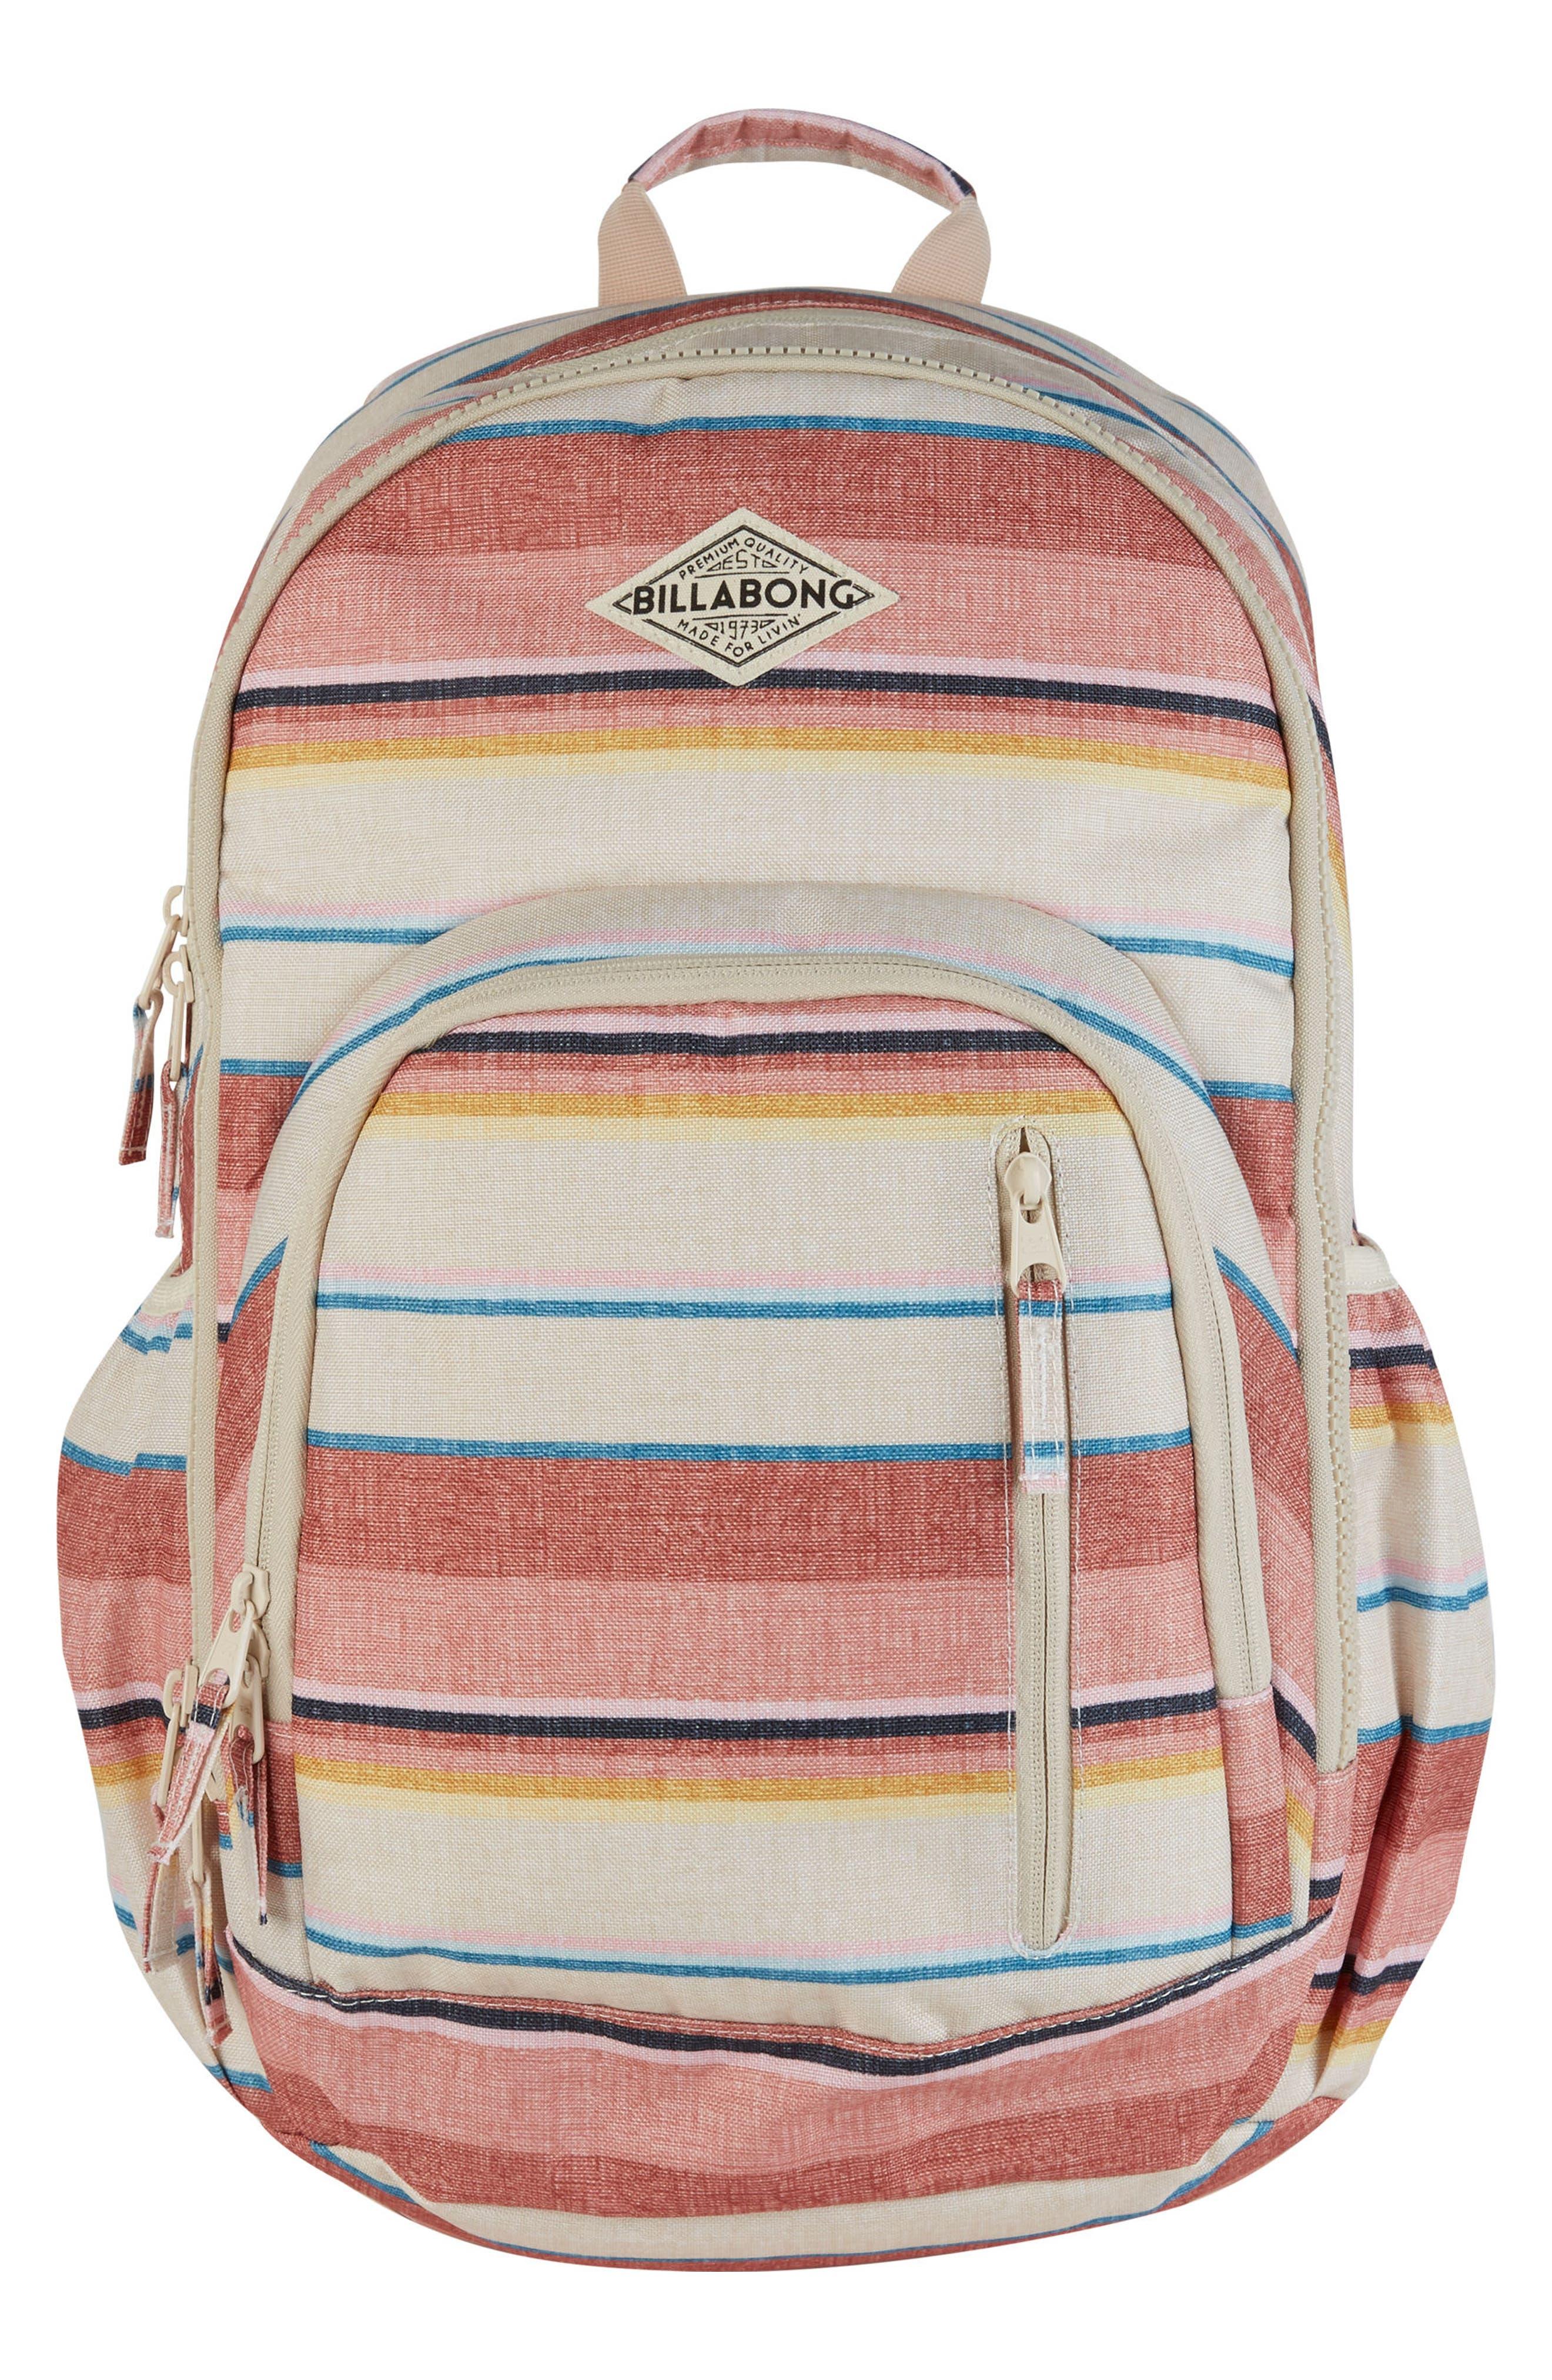 Billabong Roadie Backpack Nordstrom